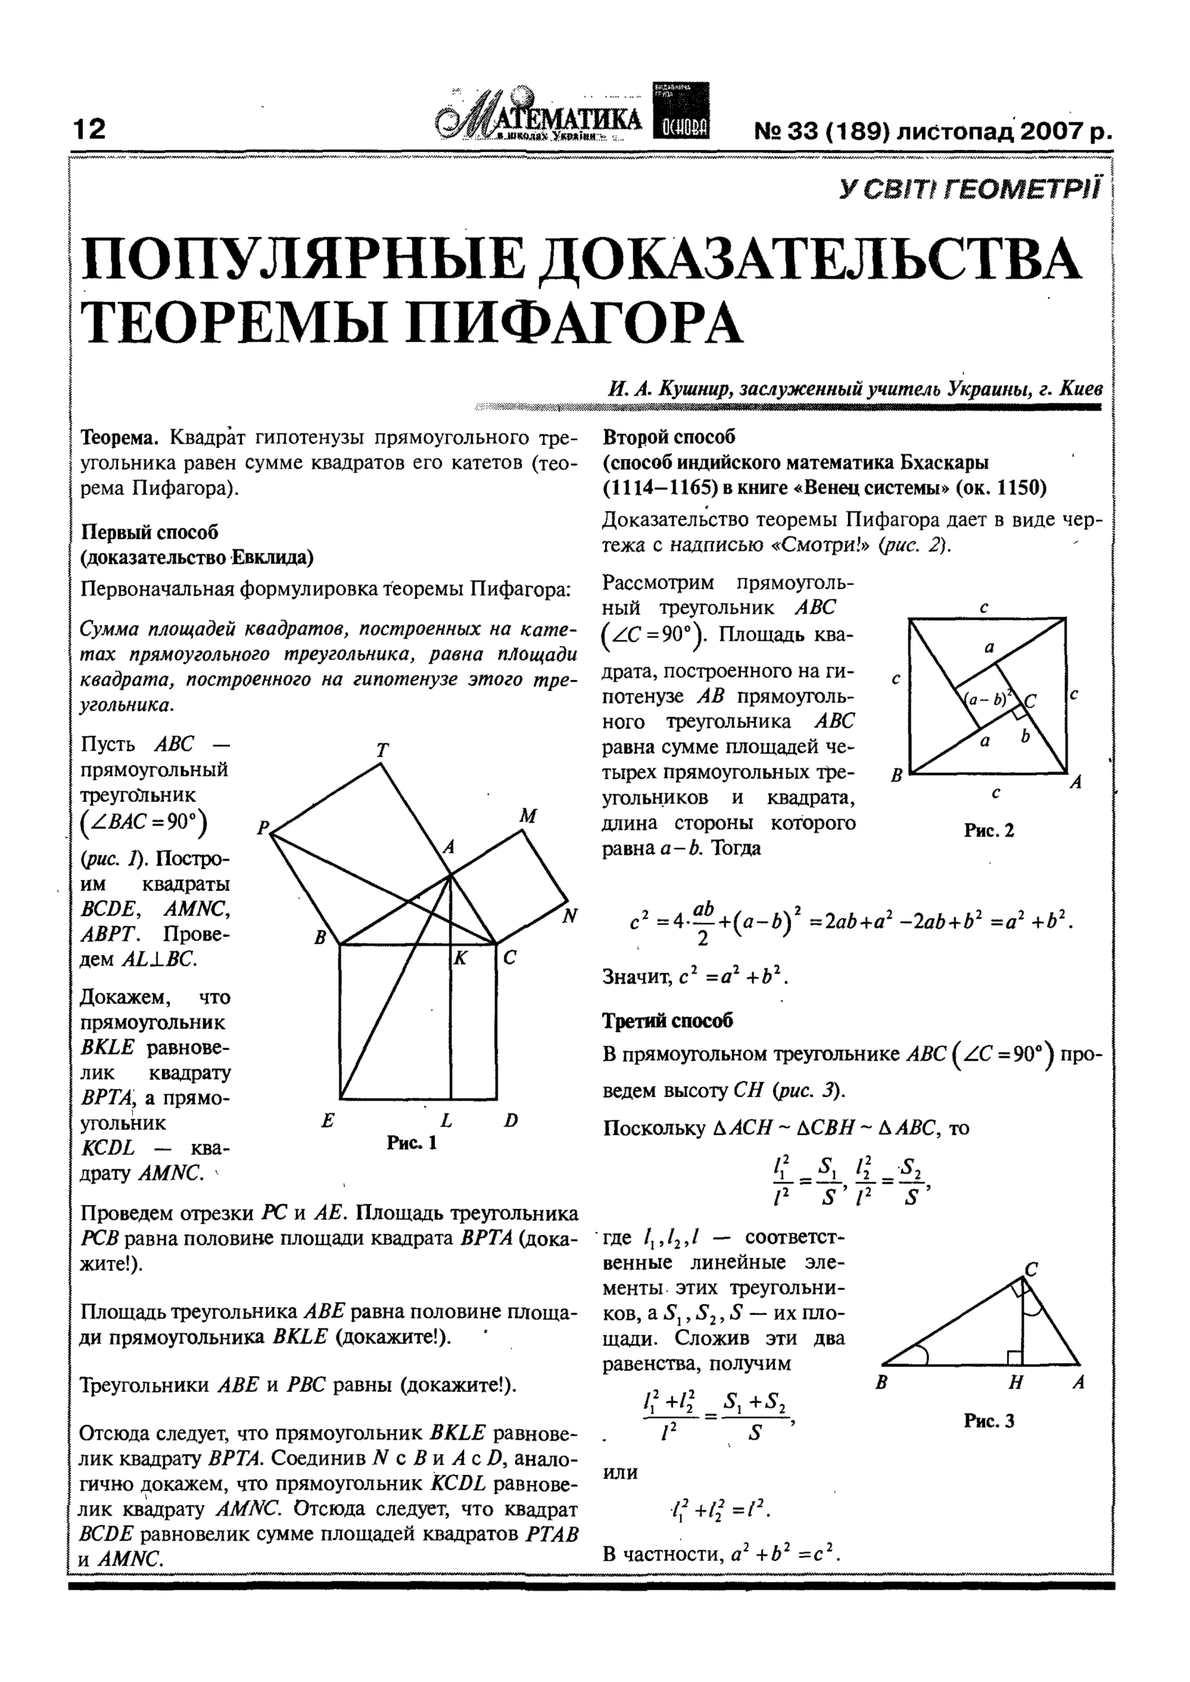 И.А.Кушнир Популярные доказательства теоремы Пифагора